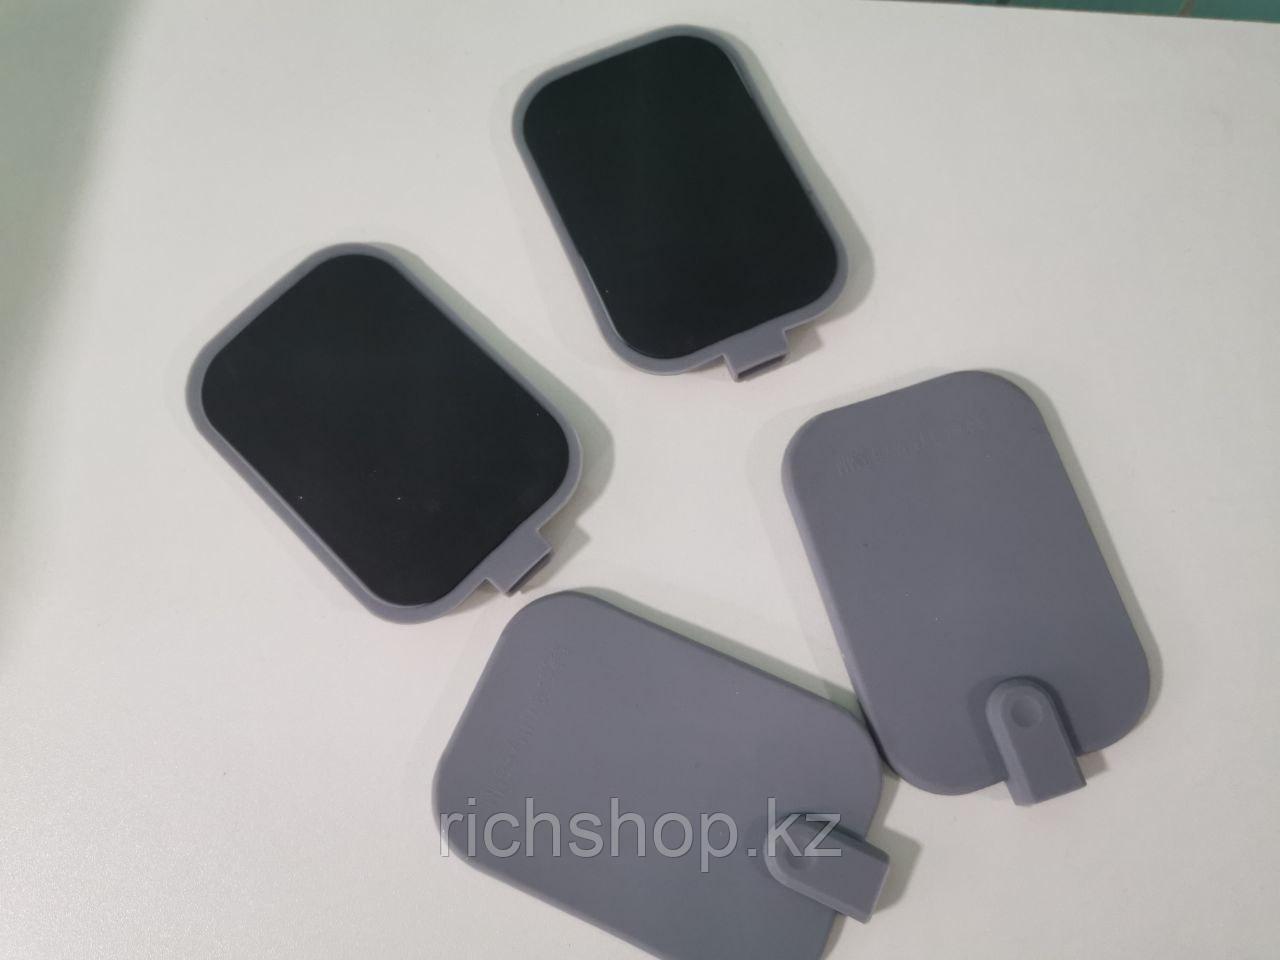 Сменные Электроды Для Аппарата Миостимуляции с подогревом